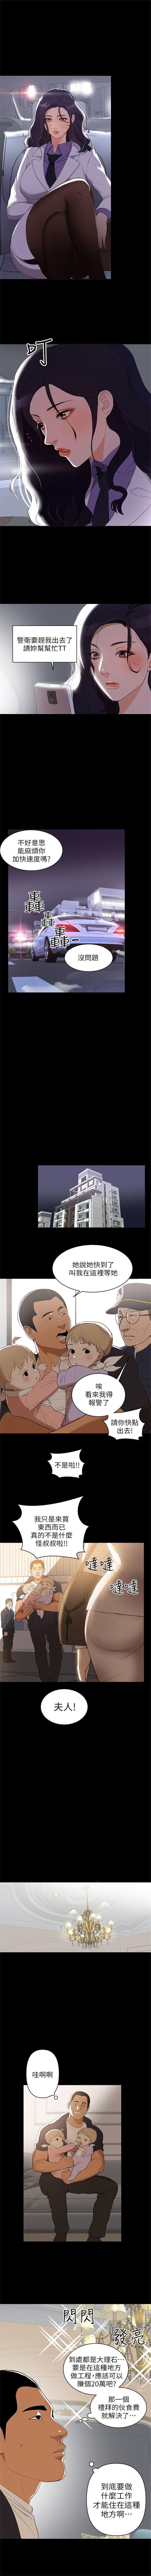 (週6)兼職奶媽 1-31 中文翻譯 (更新中) 7